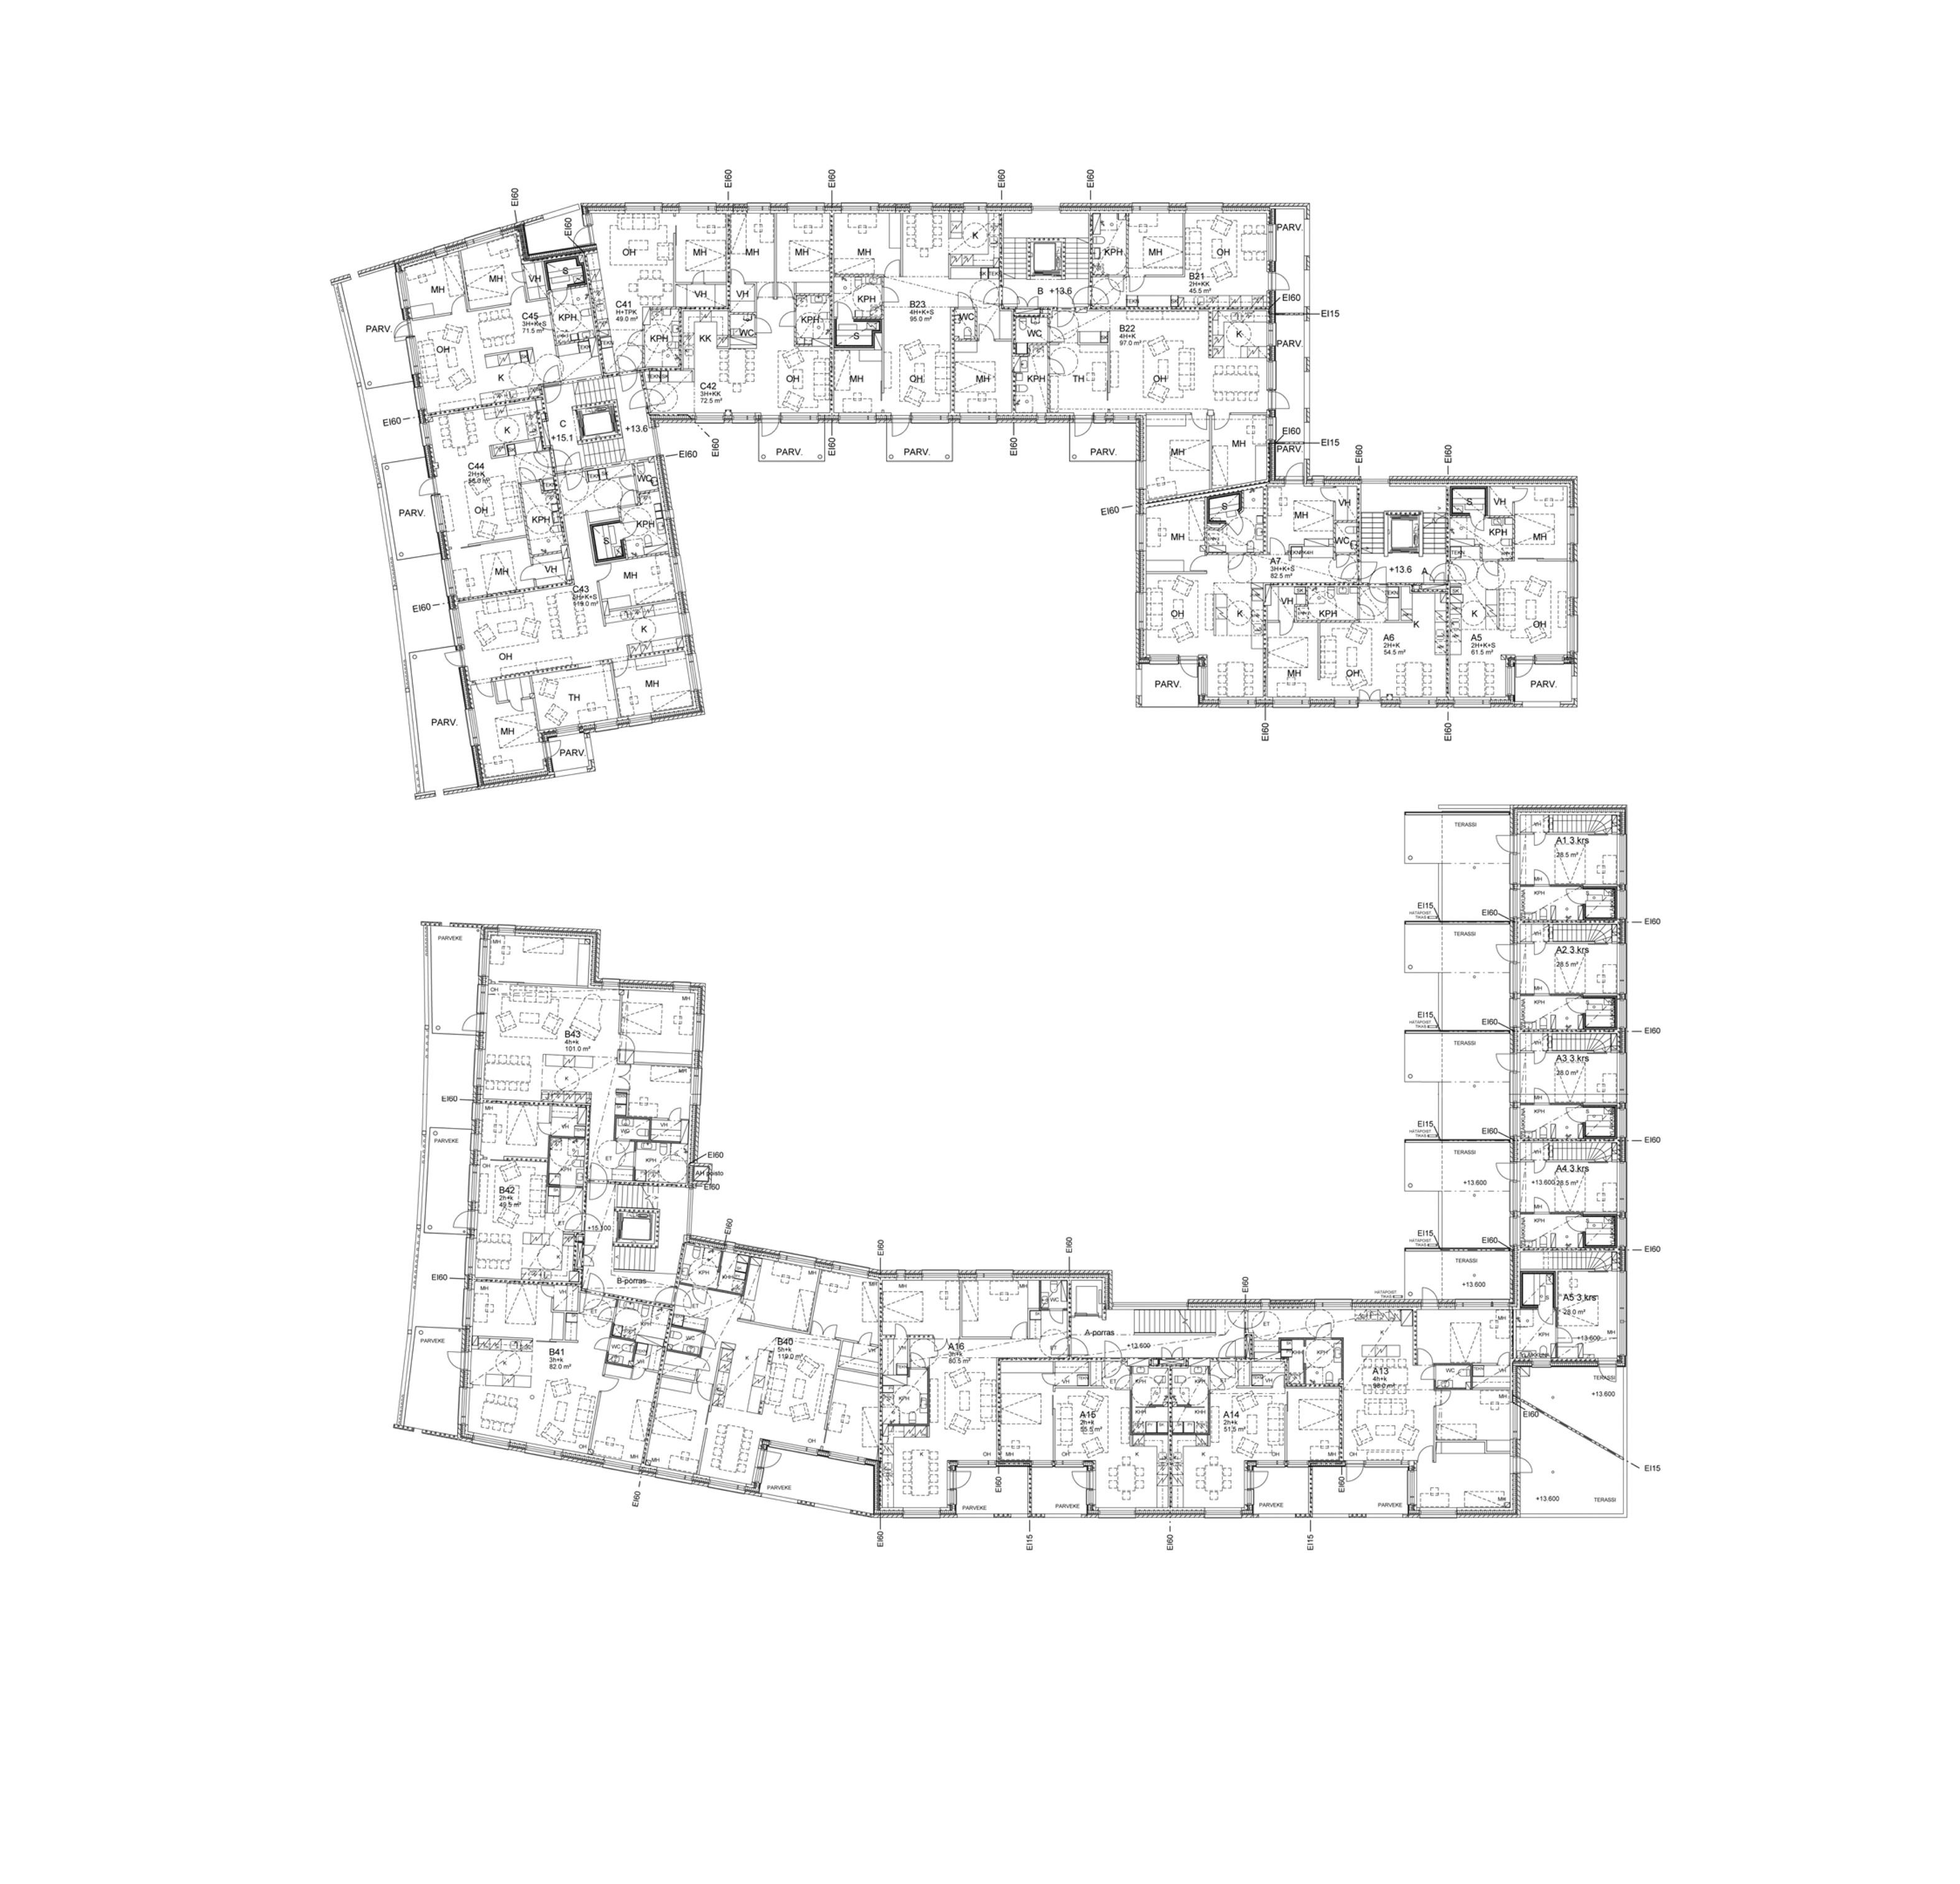 Marco Polo / Tyynimeri - Arkkitehtitoimisto H M V Oy